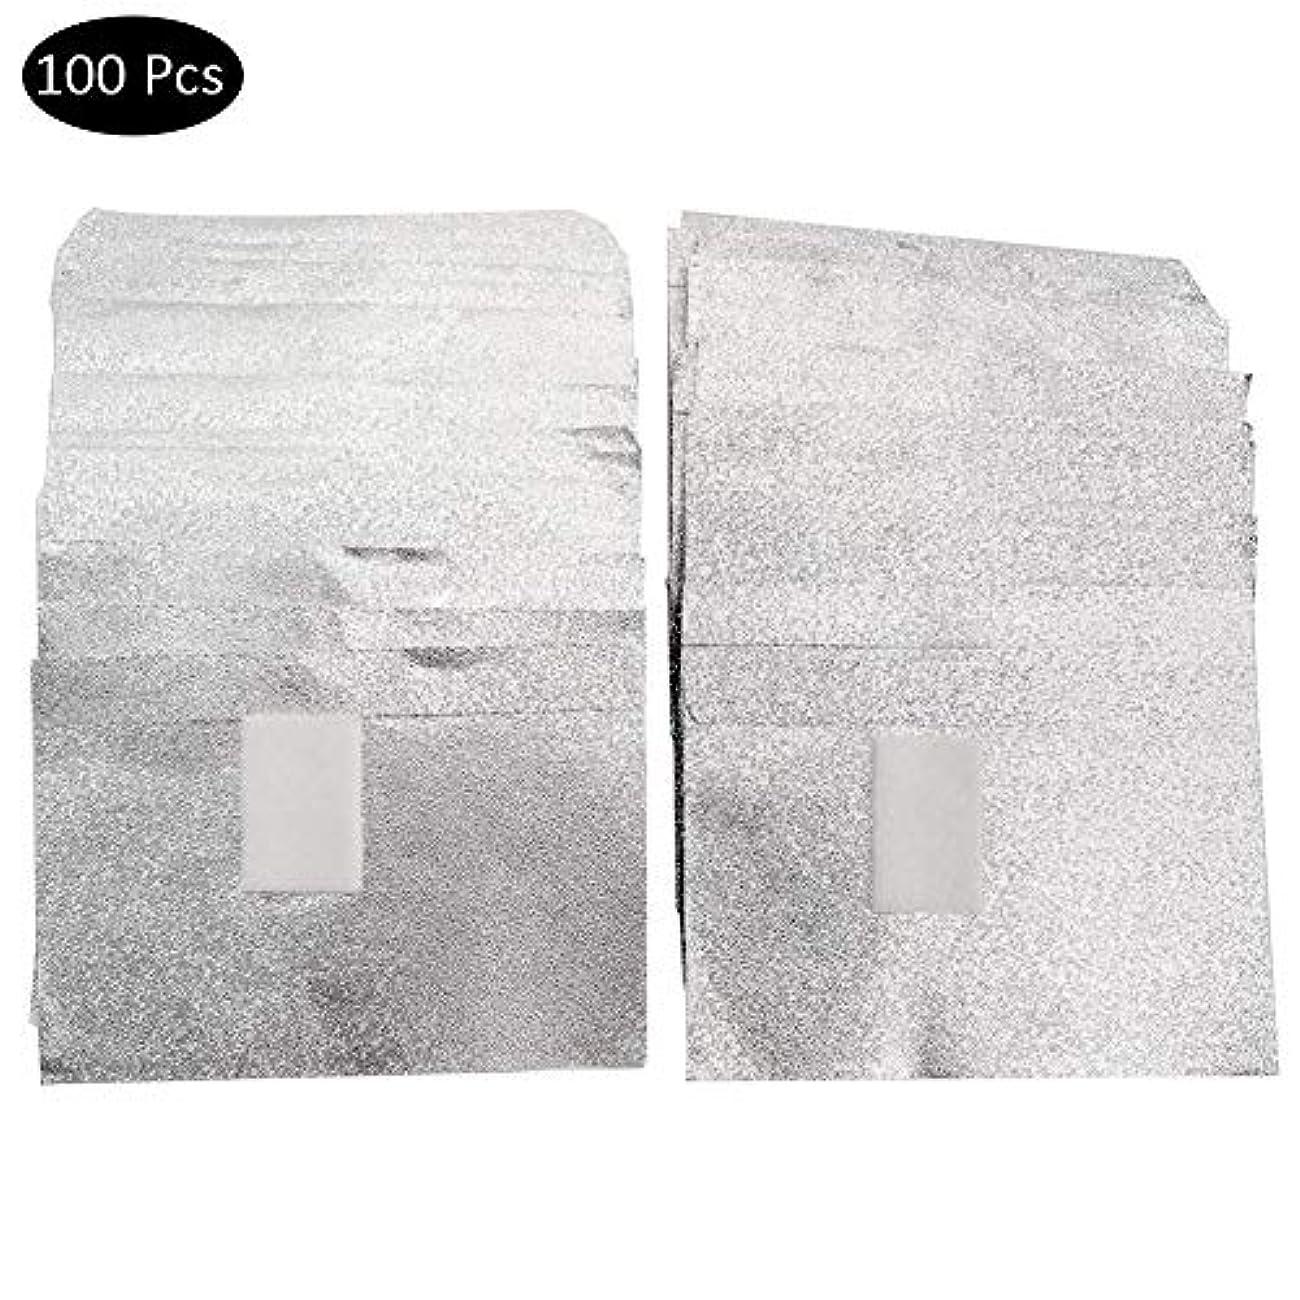 失われたブランチ知恵SILUN ネイルリムーバー錫箔ネイルポリッシュットン付きアルミホイル ジェル除却 使い捨て 爪マニキュア用品100枚入り使い捨て コットン付きアルミホイル ネイル用品 マニキュア用品